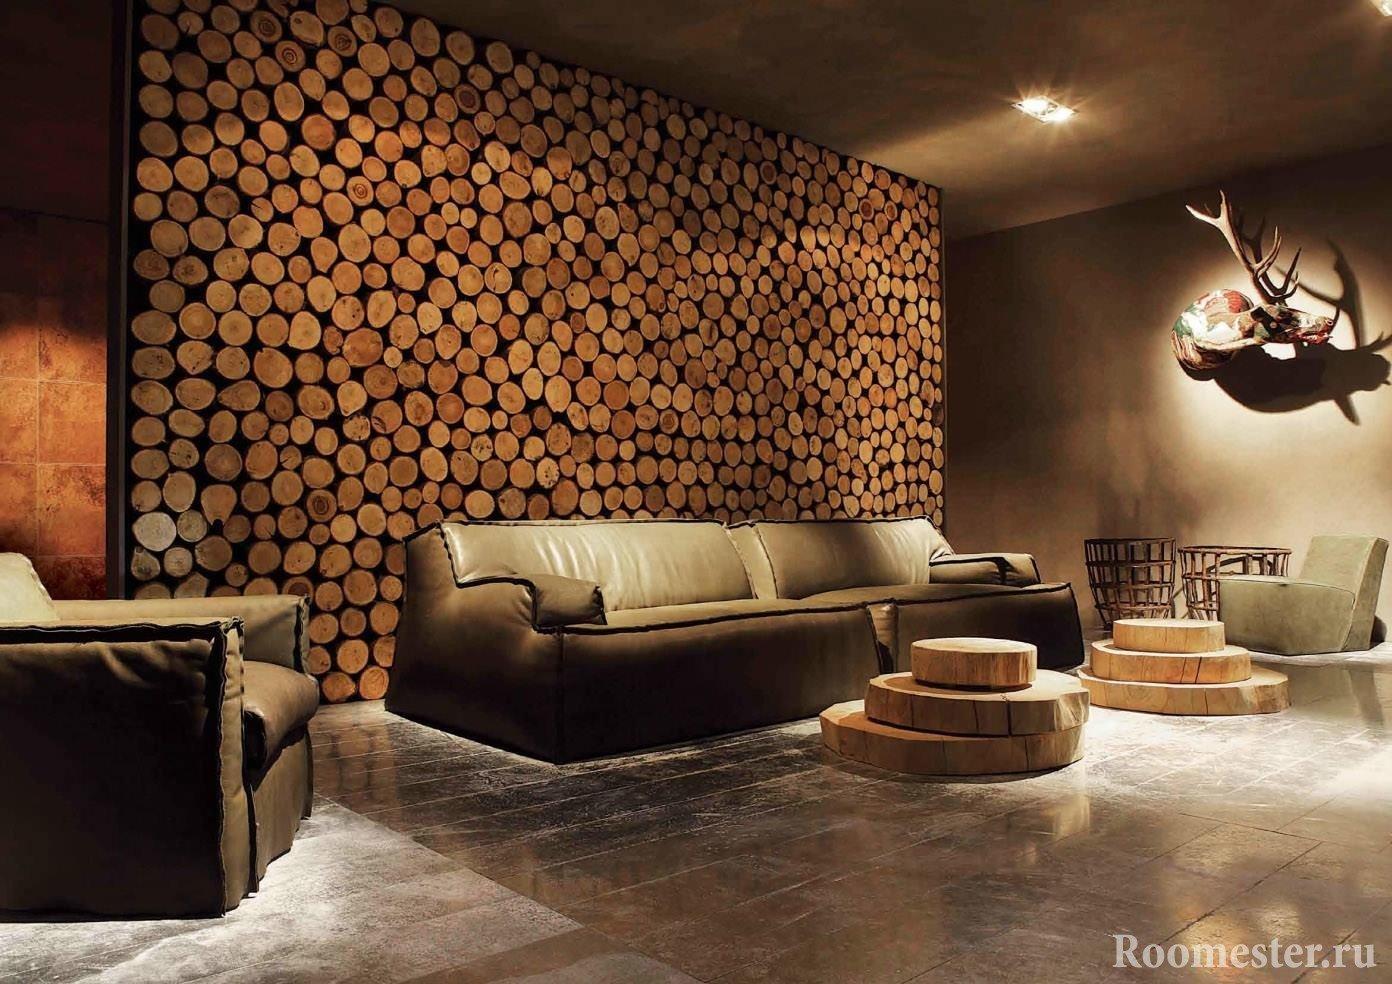 Деревянные спилы дерева как украшение стен гостиной